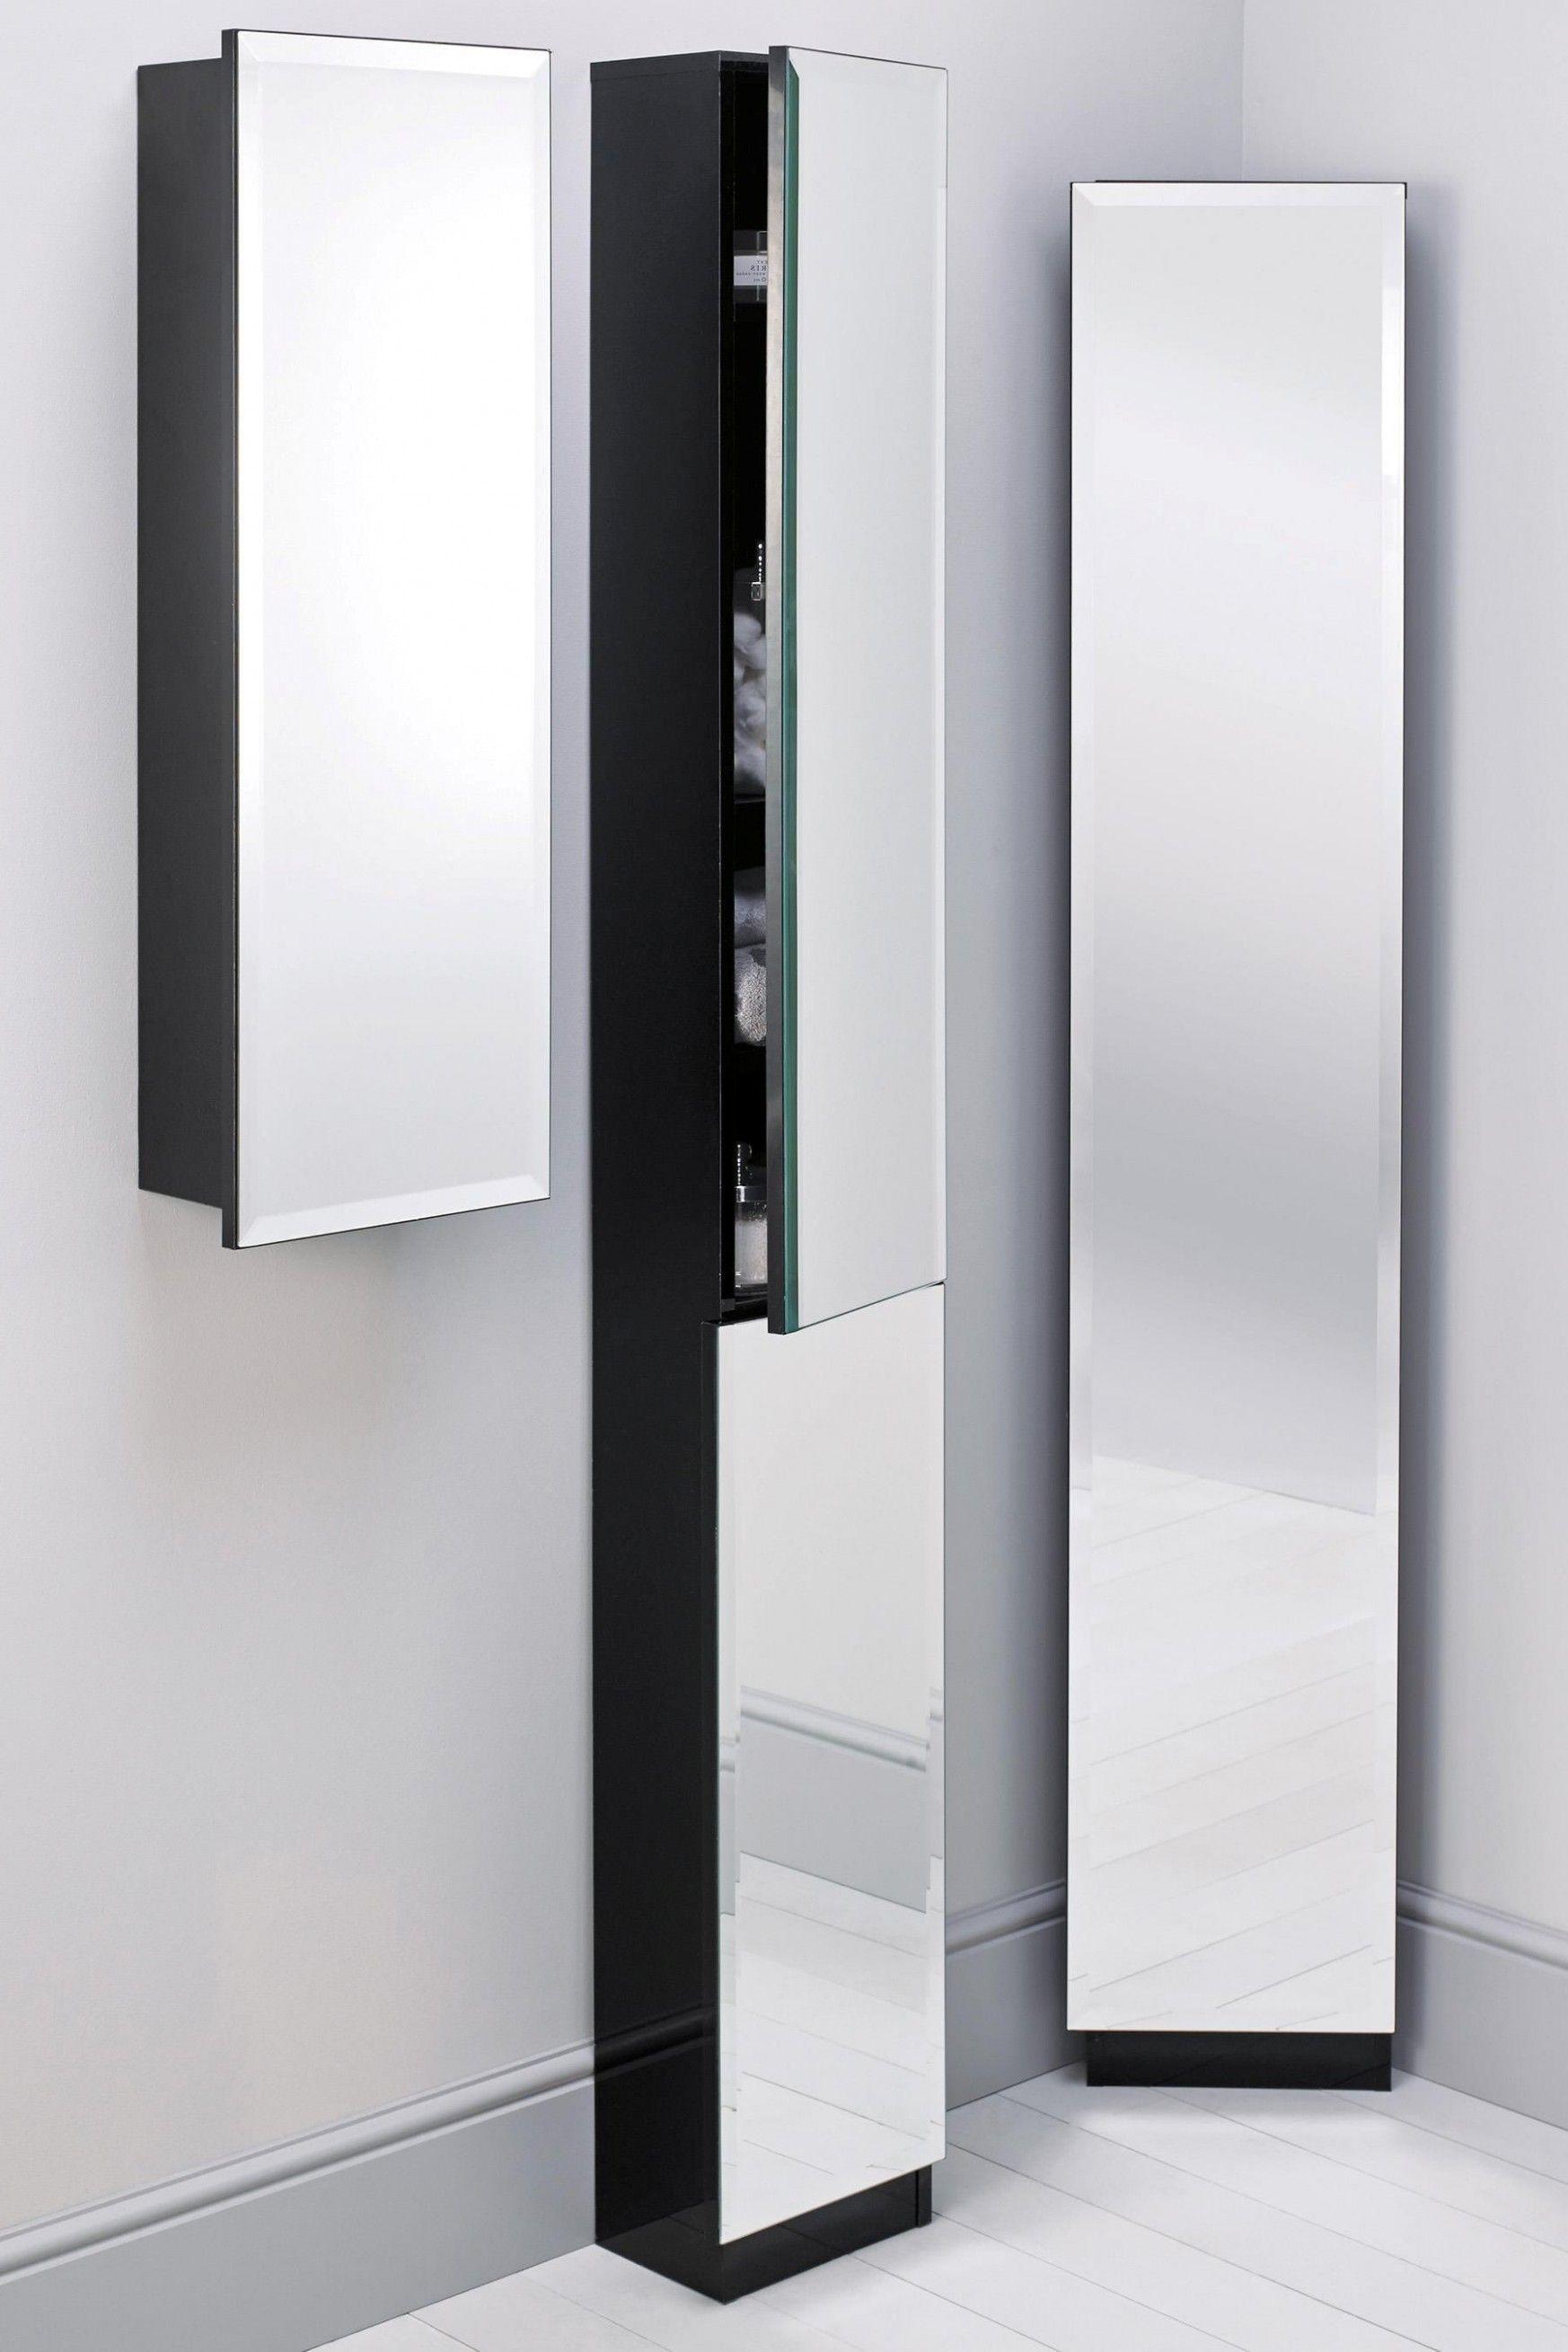 Hoch Verspiegelten Badezimmerschrank Hoch Gespiegelt Badezimmer Schrank Bei Der Wahl Der Richtigen Mo Ikea Badezimmerschrank Badezimmer Badezimmer Garnitur